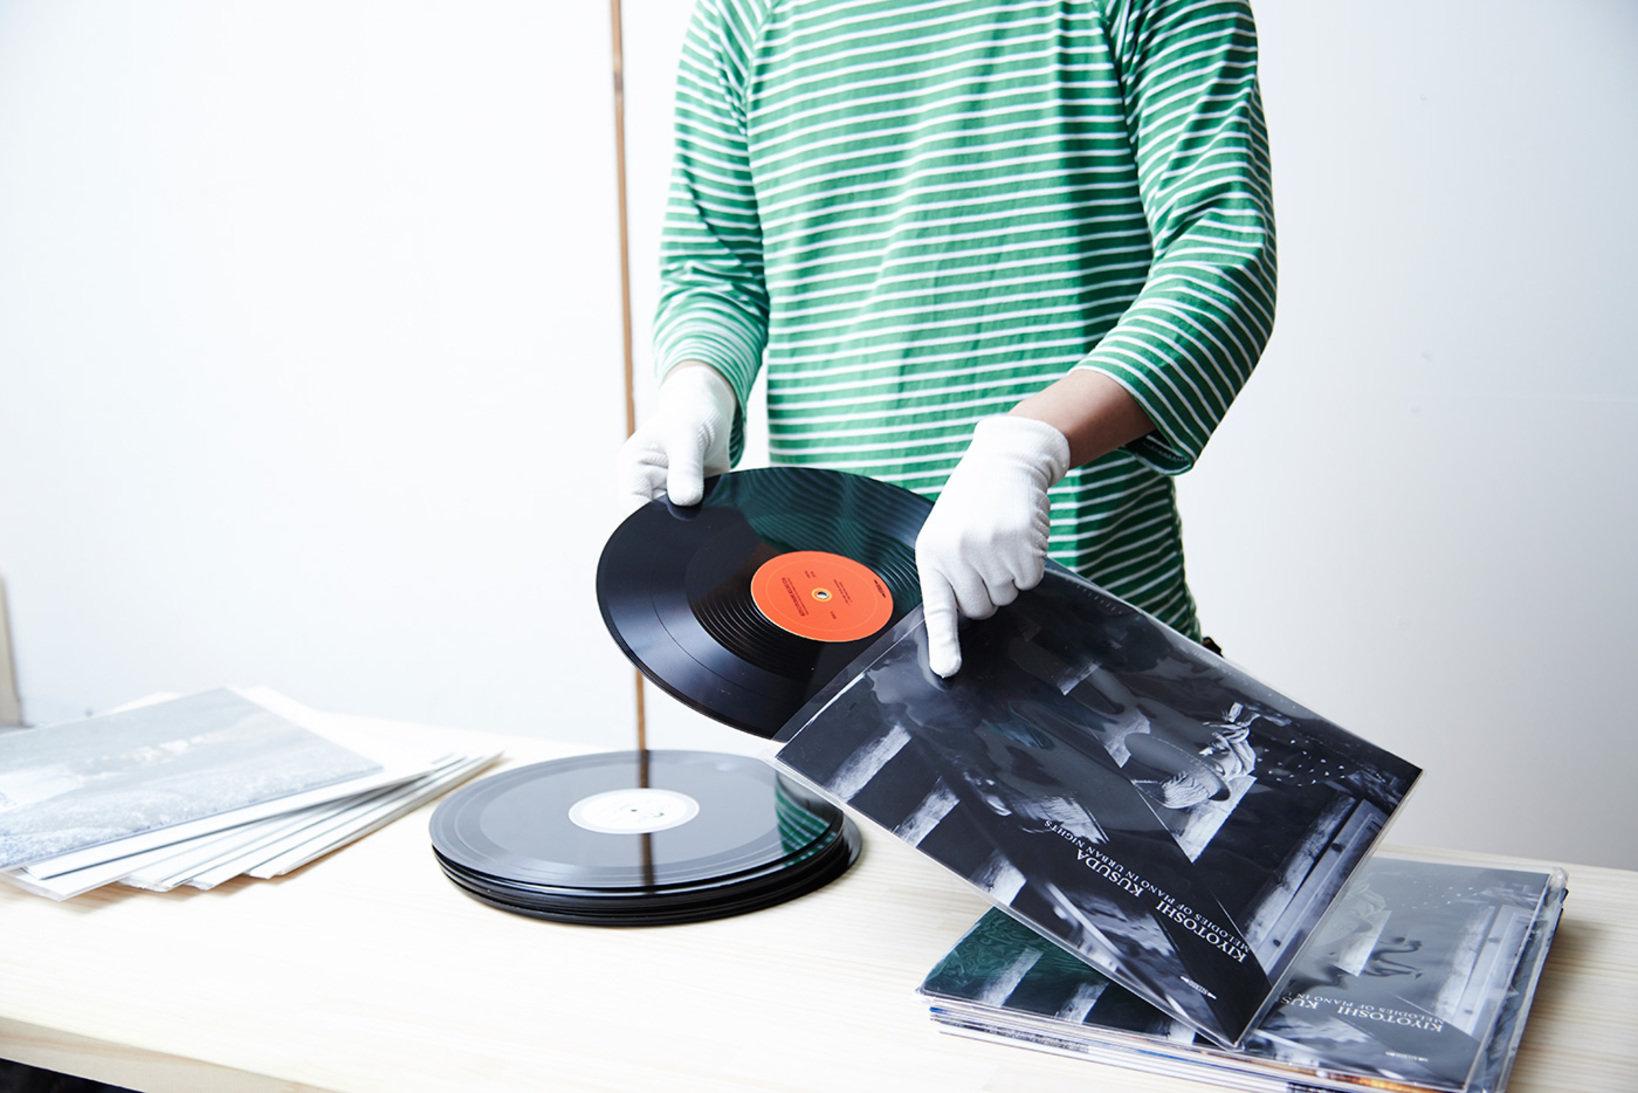 市販のレコードに見劣りしないジャケットの印刷には、高解像度の印刷機を使用。さらに長期間の保存と耐久性の向上を図るために、表面にラミネート加工を施しています。